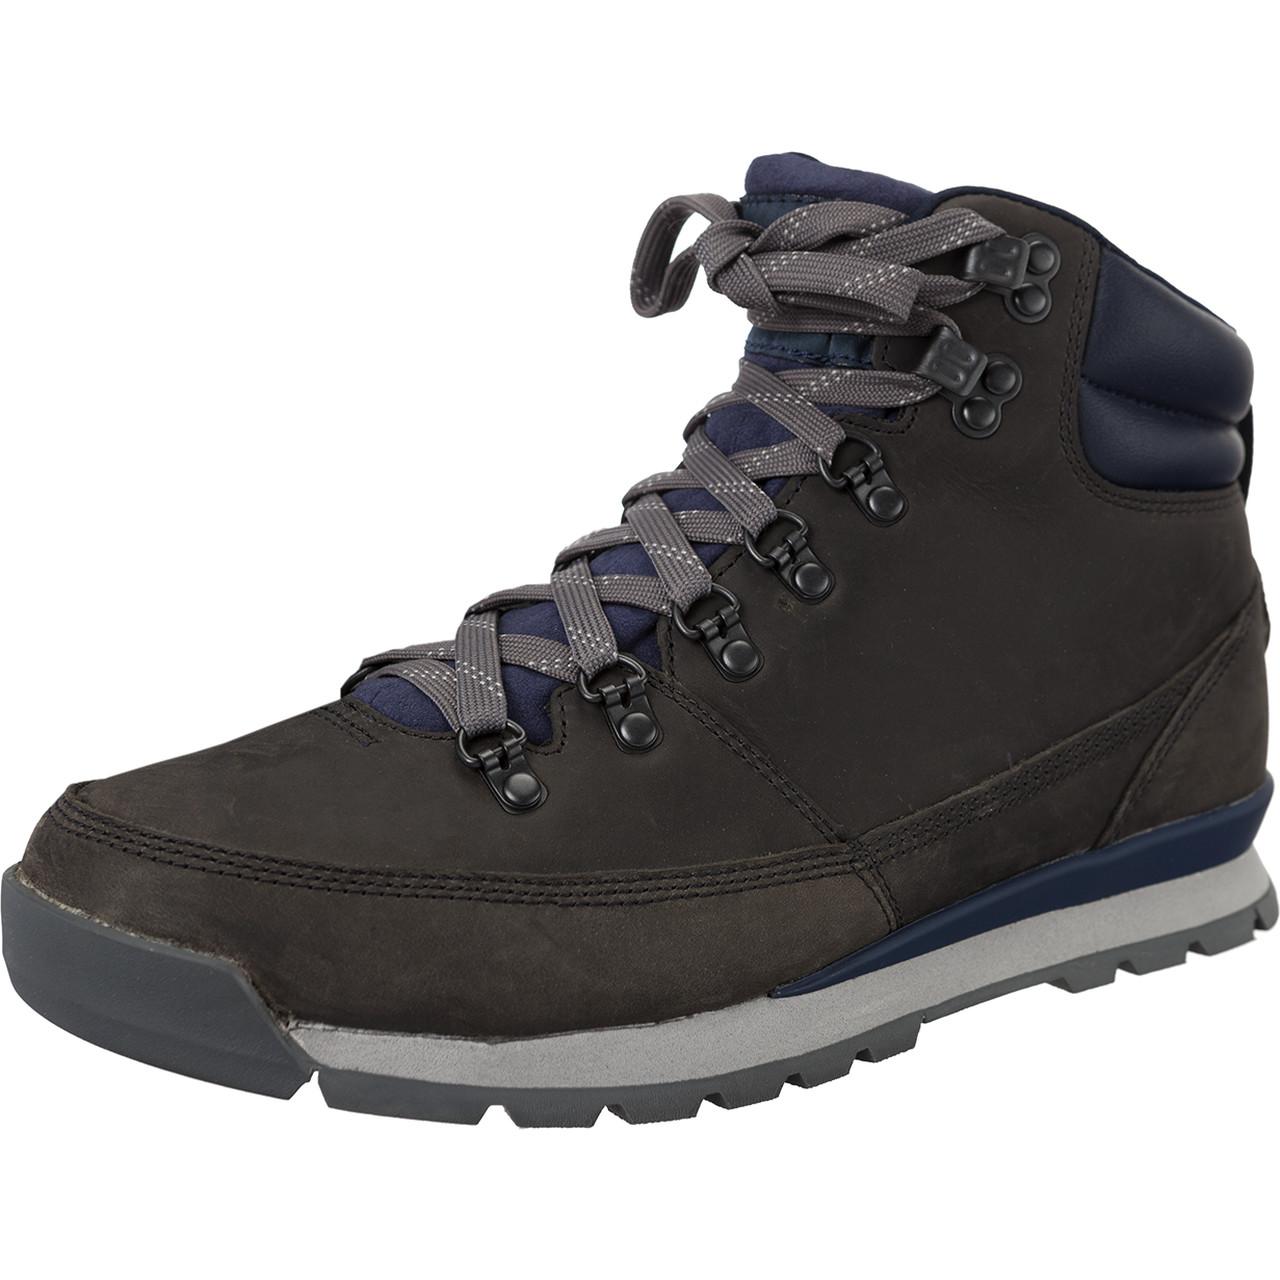 The North Face – Ausrüstung für die kalte Schulter der Berge. The North Face – schon der Name macht klar: diese Ausrüstung ist für Draußen gemacht, gegen die Widrigkeiten der Natur und als zuverlässige Ausrüstung für alltägliche wie extreme Ansprüche.